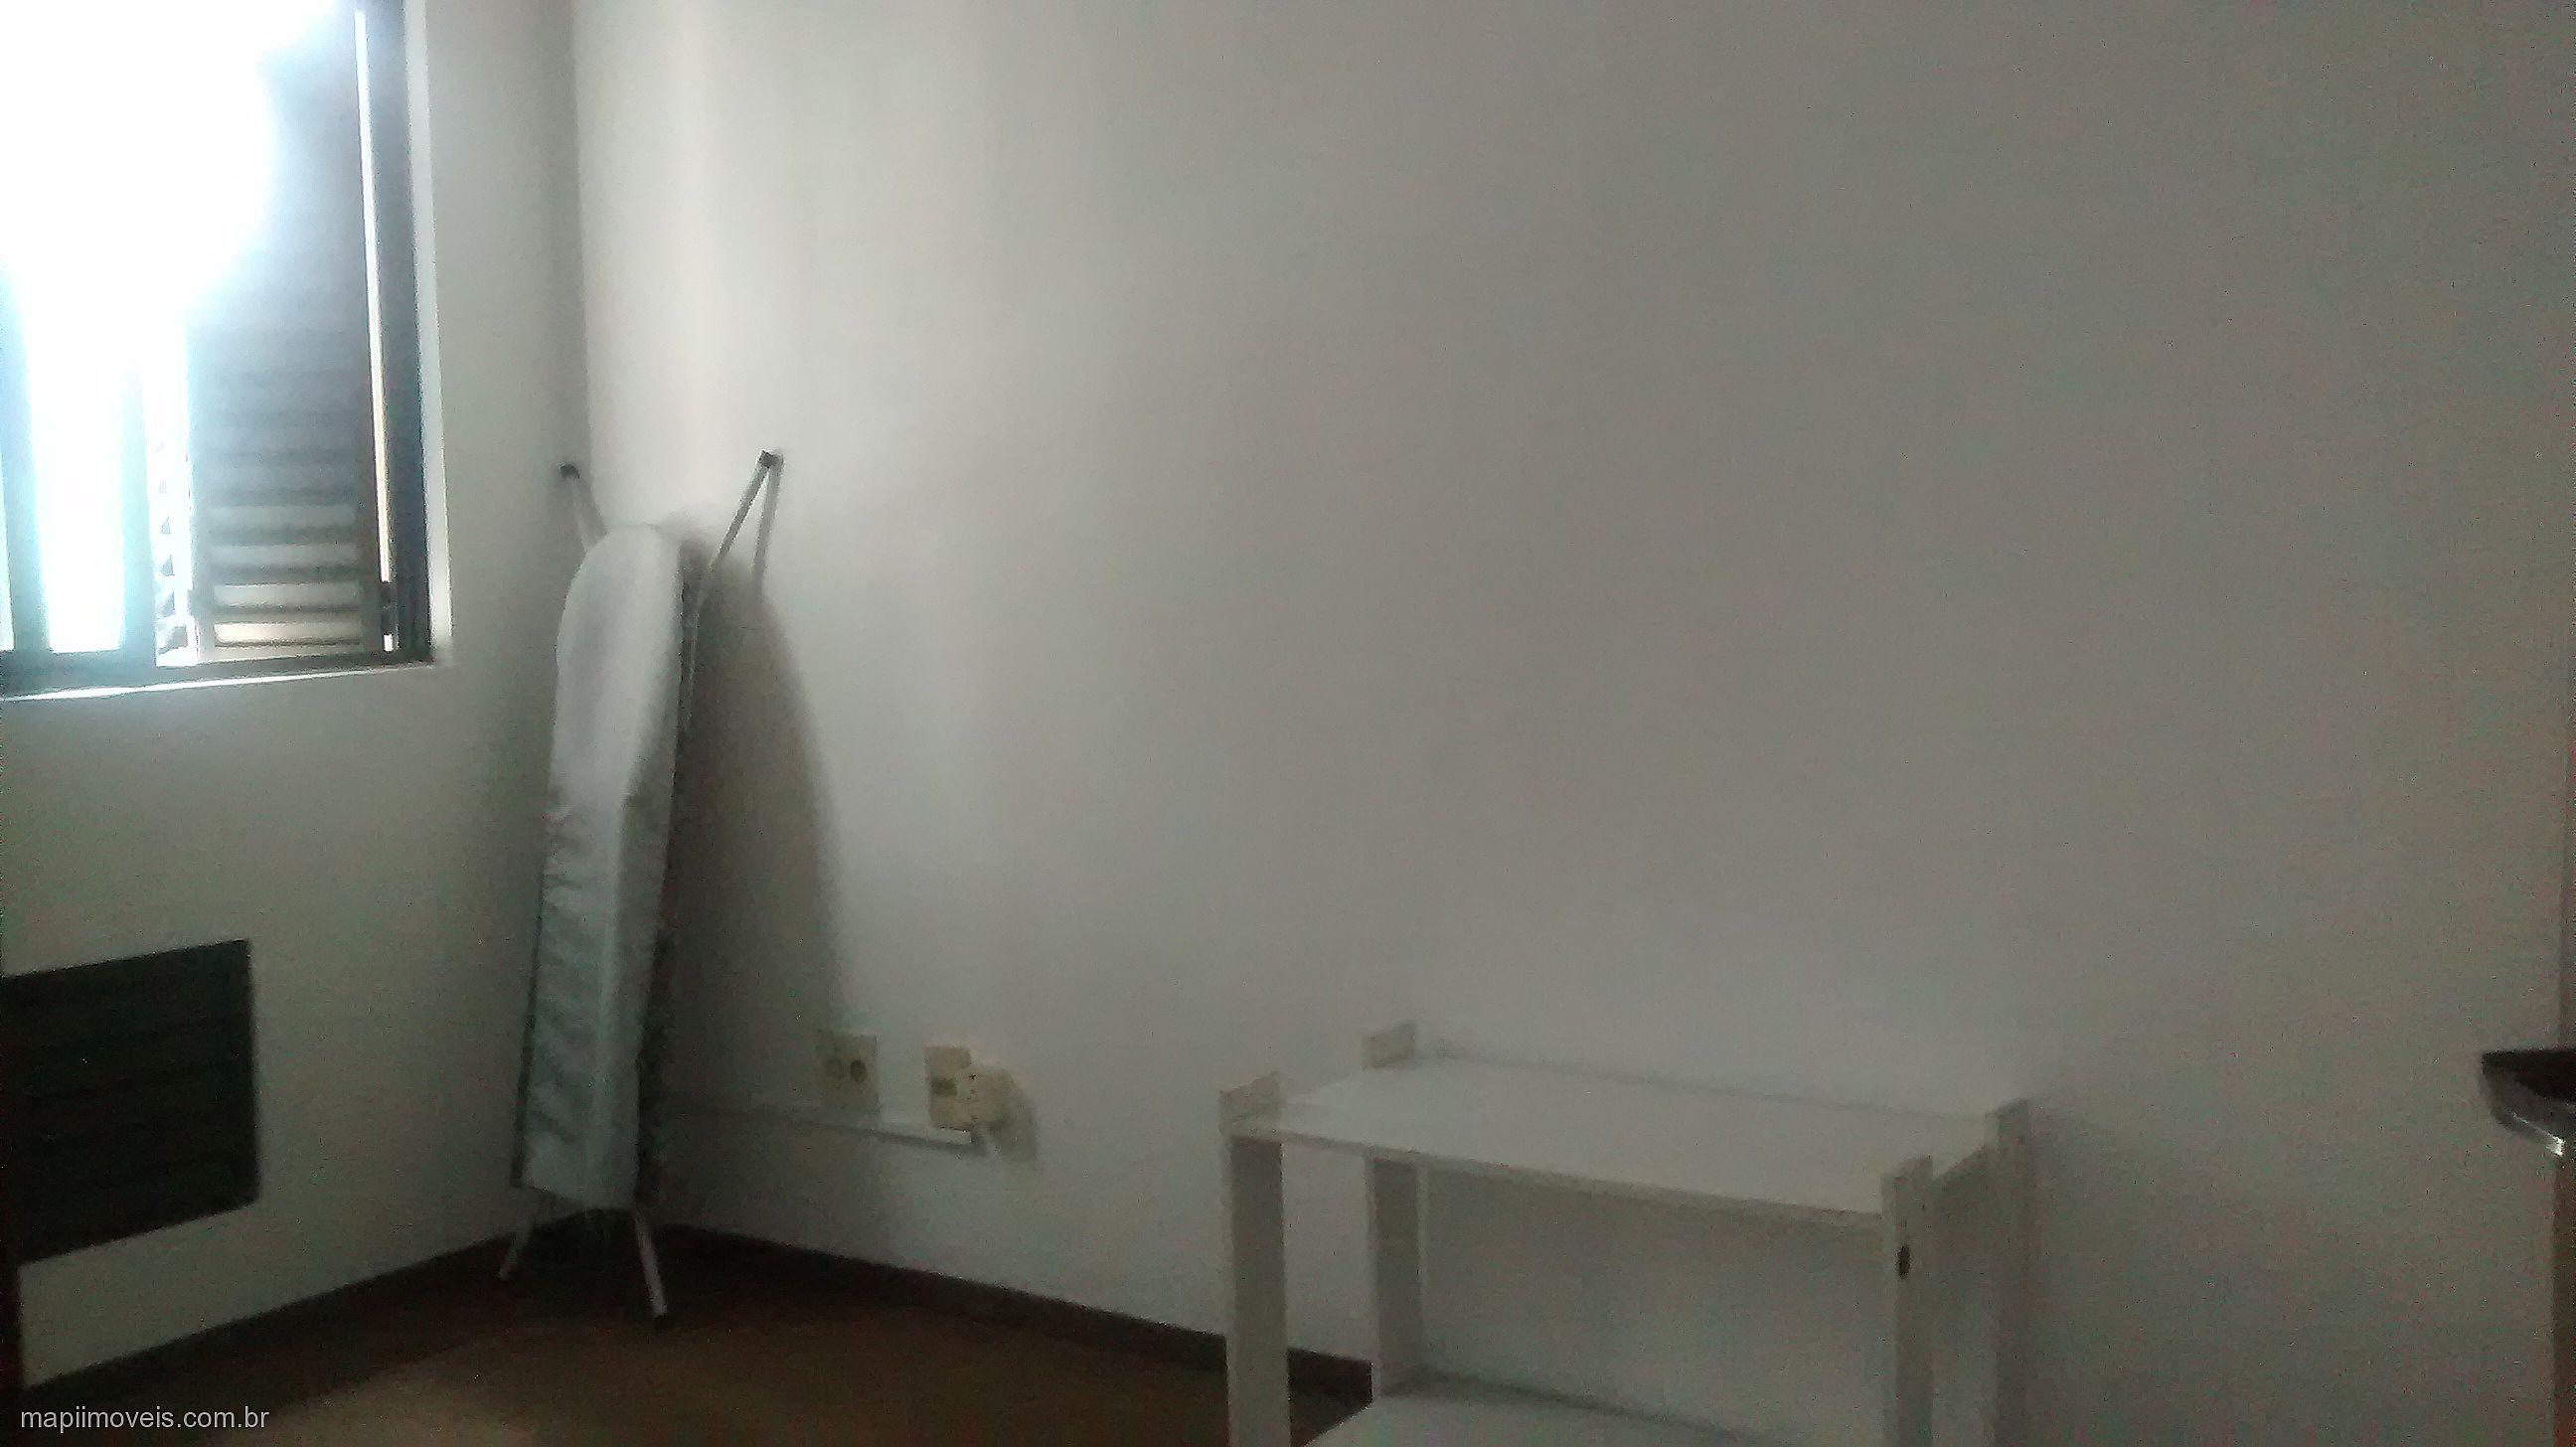 Mapi Imóveis - Apto 2 Dorm, Rio Branco (285477) - Foto 8